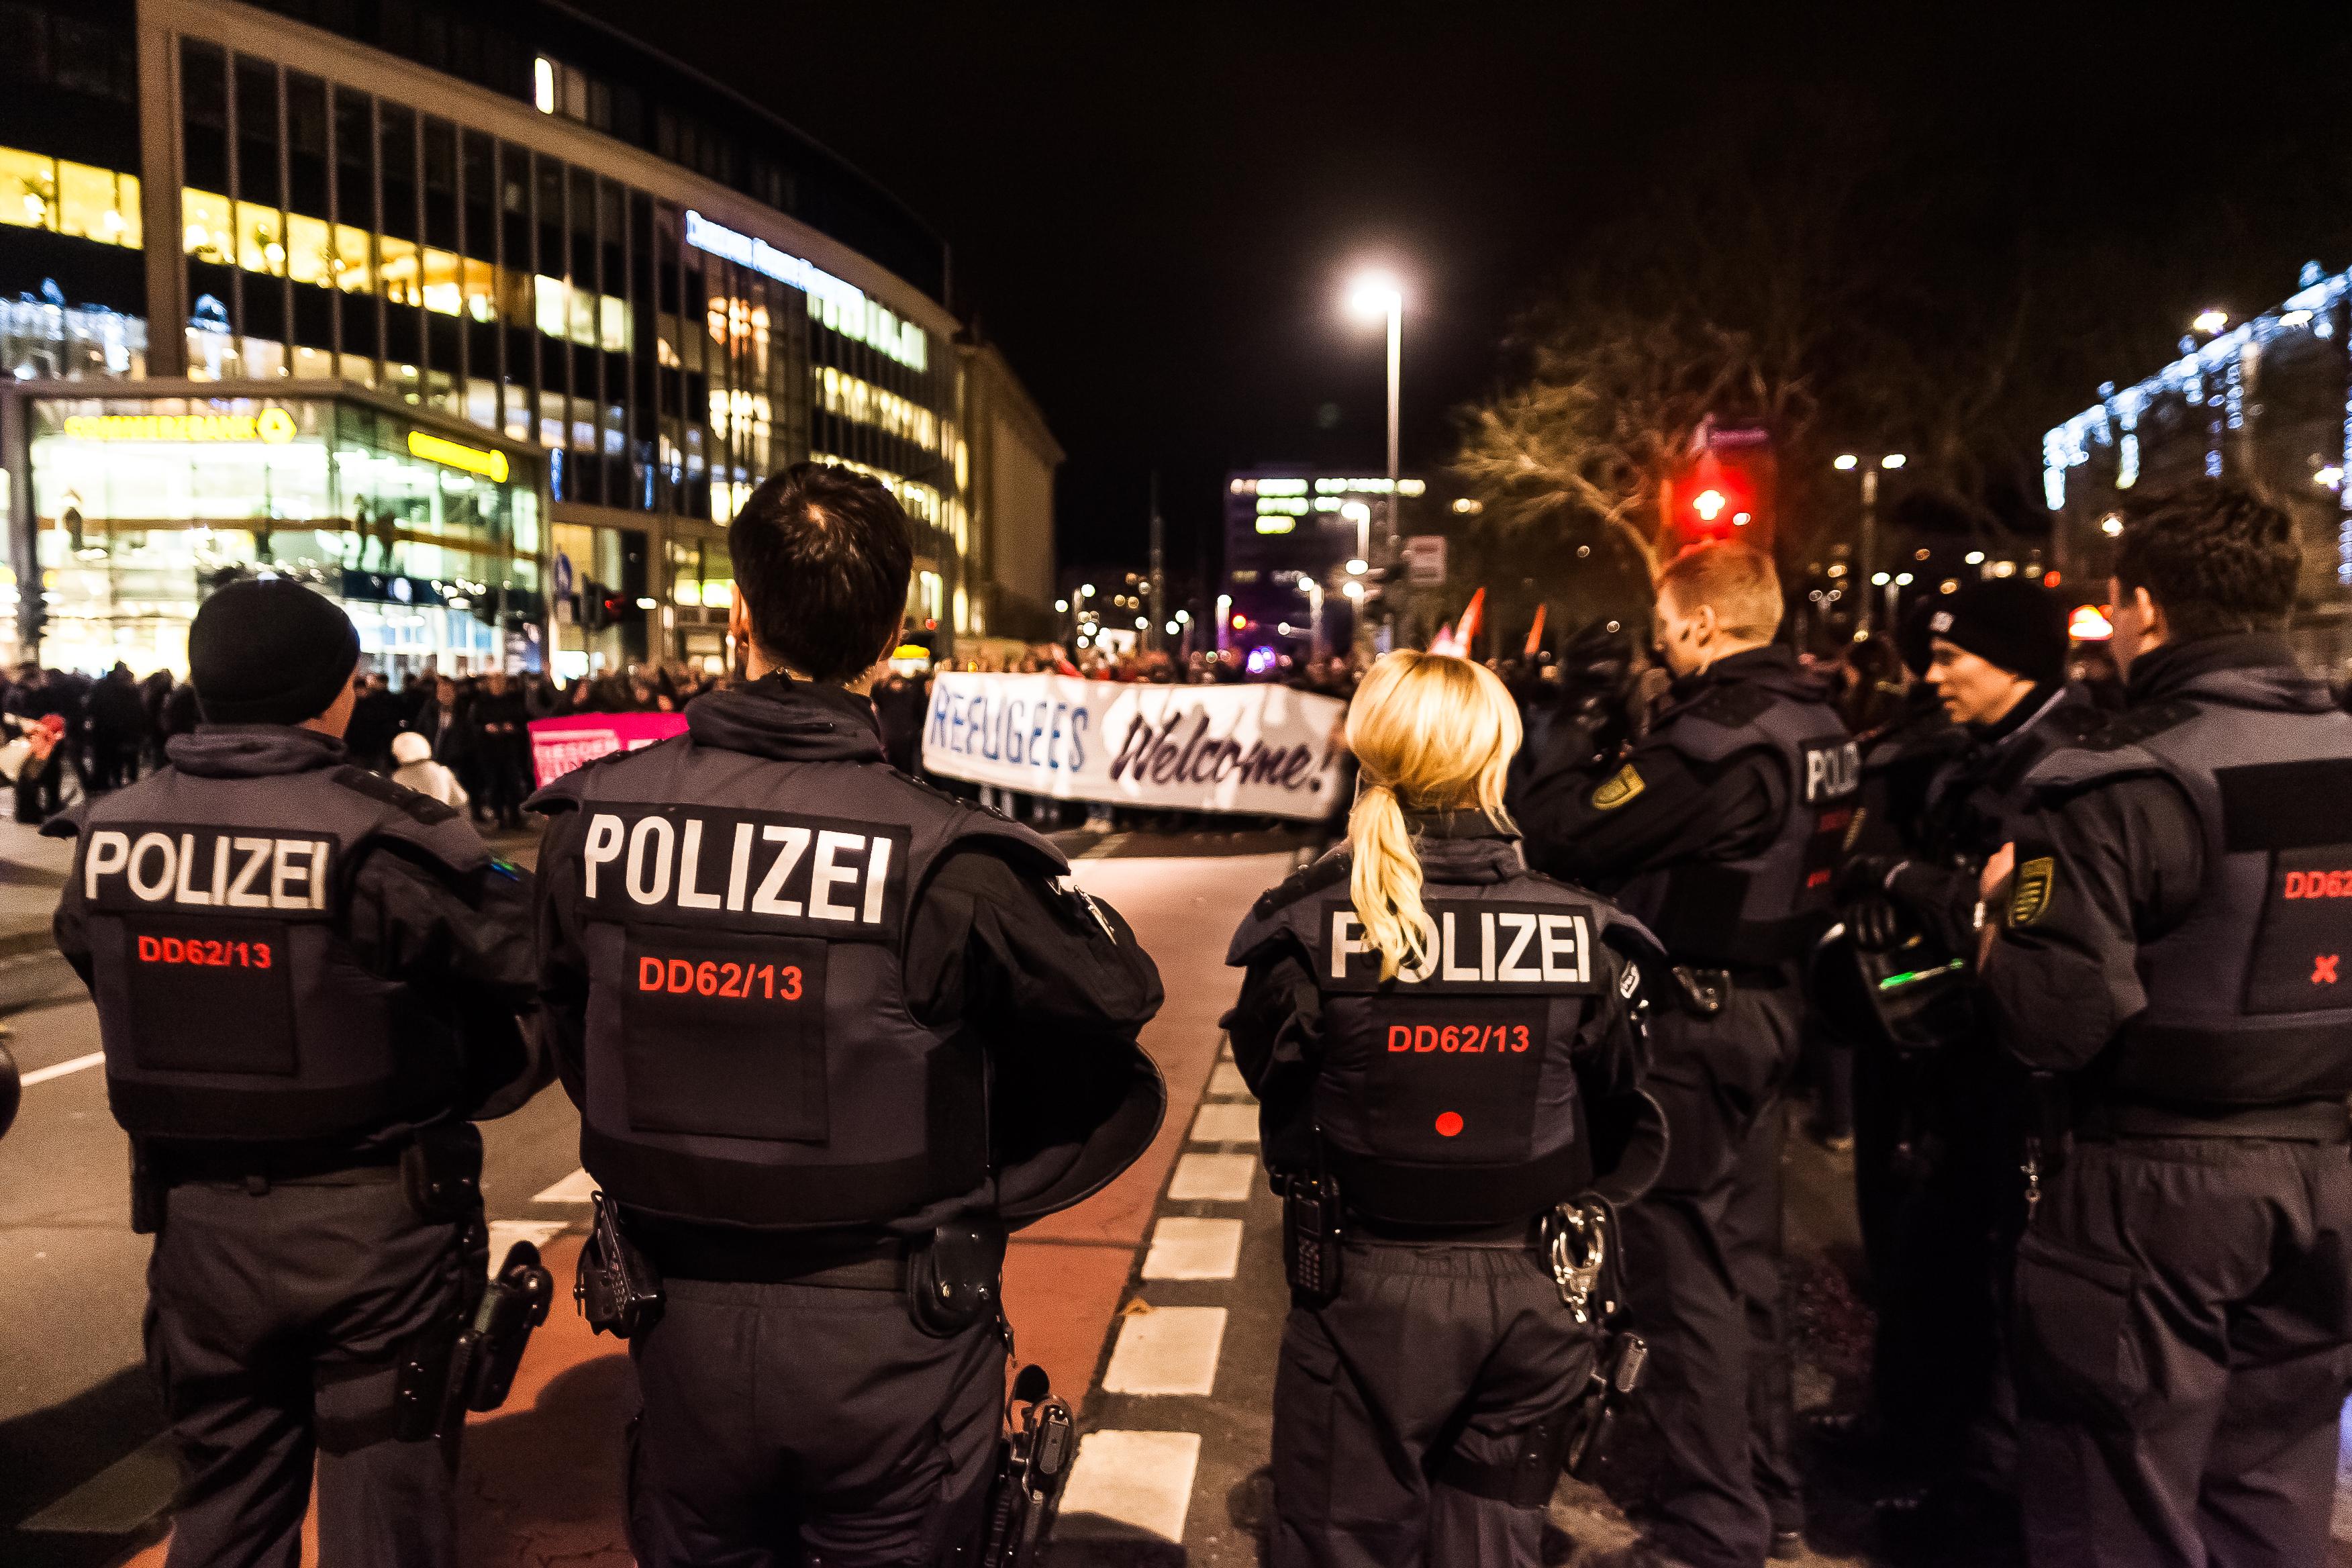 """Kundgebung """" G20 - not welcome """" darf nicht auf das Heiligengeistfeld"""